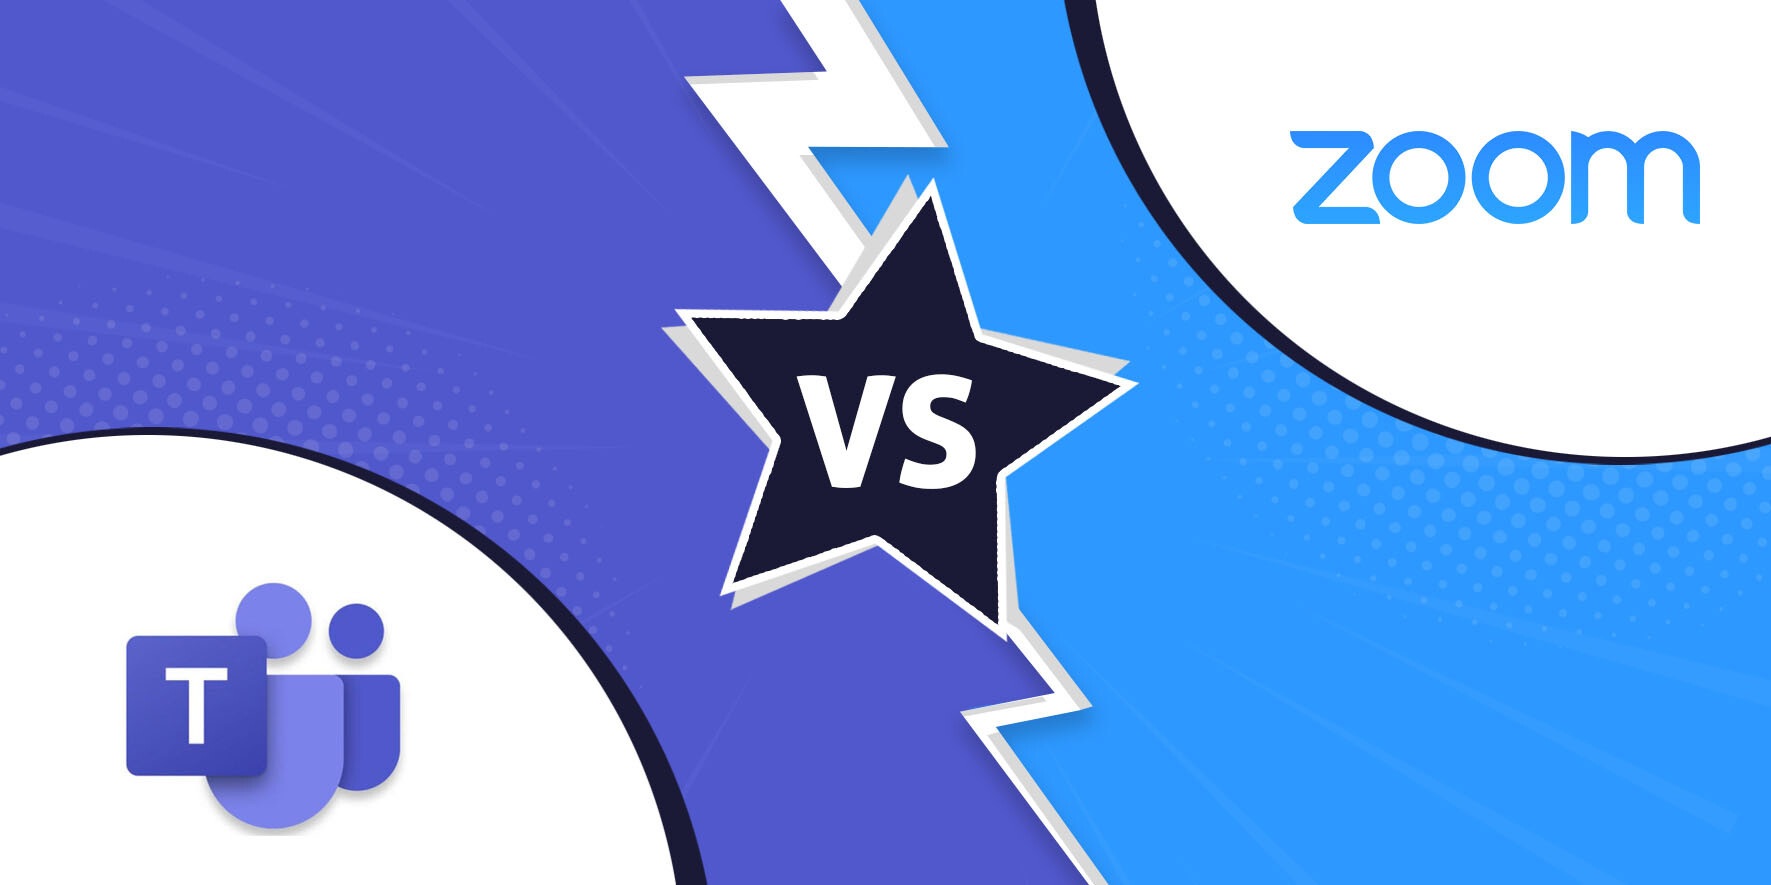 Microsoft-Teams-vs-Zoom-